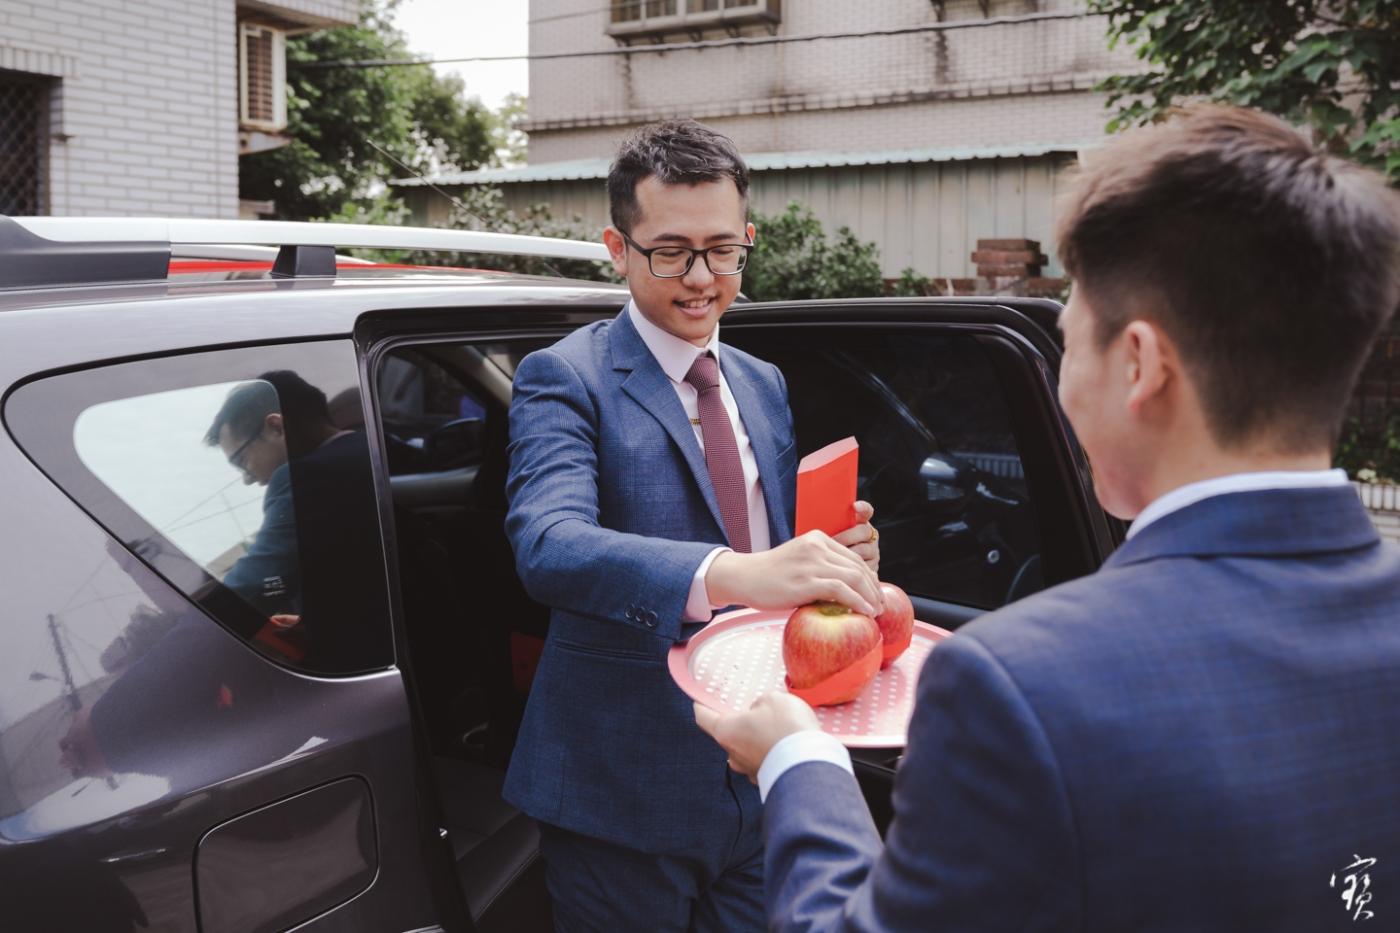 桃園婚禮 晶麒莊園 婚禮攝影 攝影師大寶 北部攝影 桃園攝影 新竹攝影 台北攝影 婚攝 早儀晚宴 1071014-27